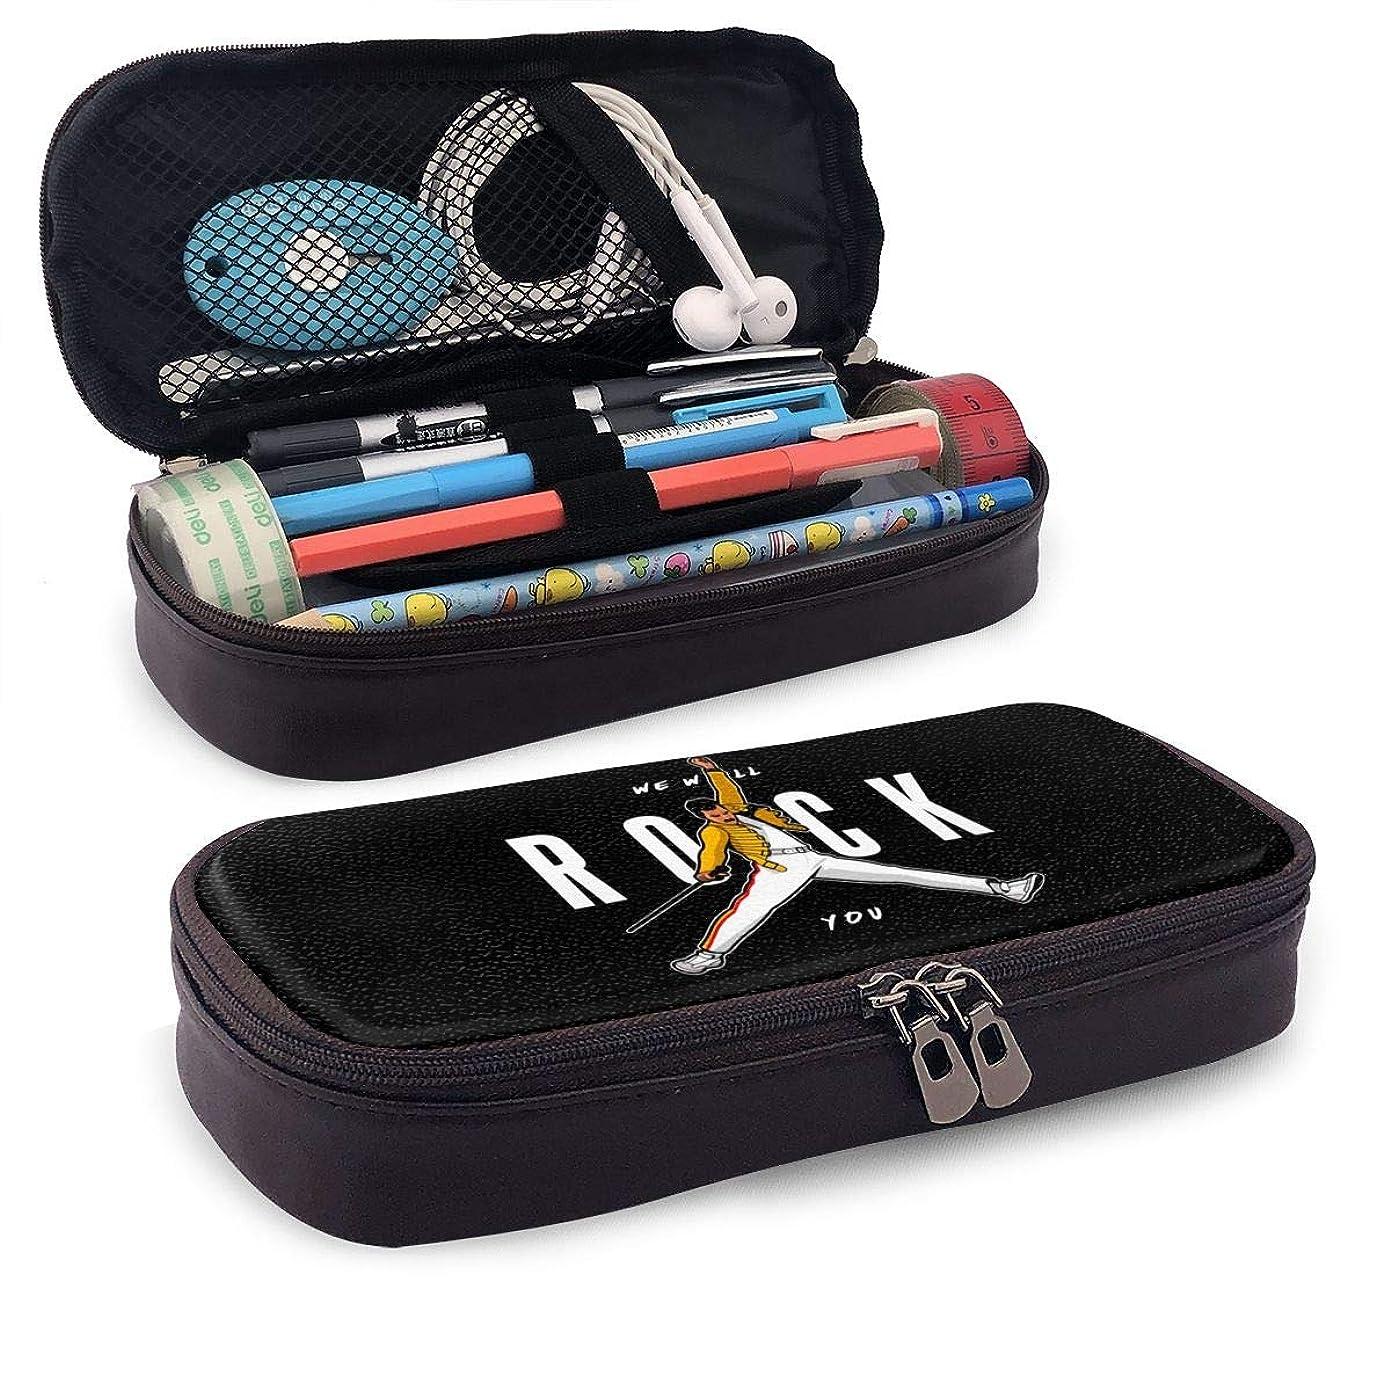 ようこそ終わり実際Queen Band 革筆箱筆箱マイクロファイバーPU防水文具大容量文房具バッグ化粧品バッグ財布ファッションギフト